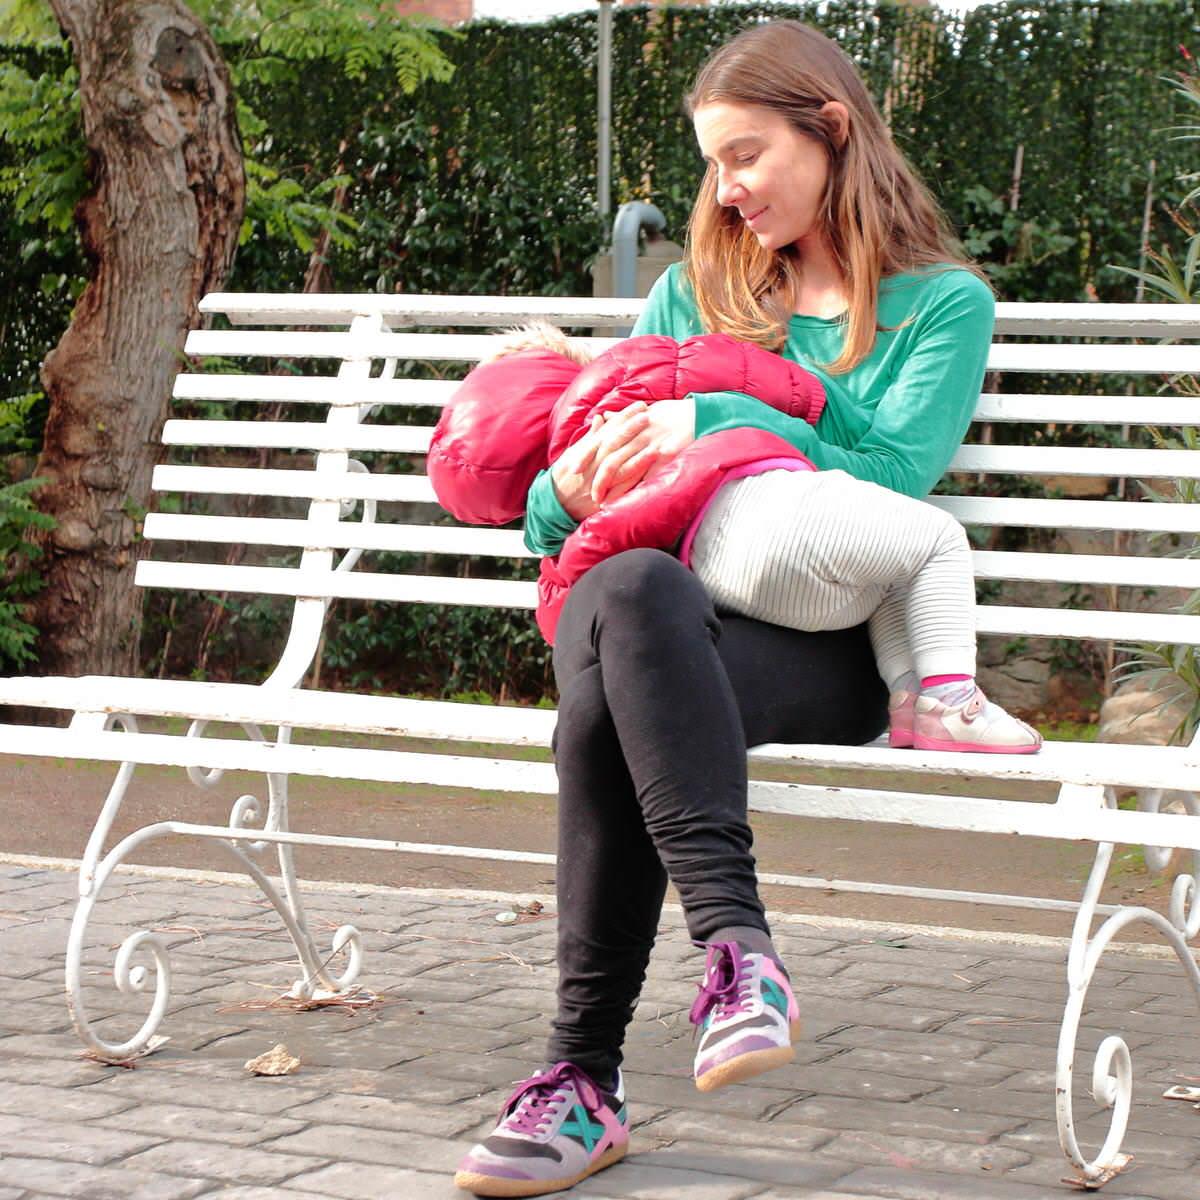 La ley electoral española considera impedimento para ejercer como vocales de mesa a aquellas madres con bebés de hasta 9 meses y que sean lactantes.